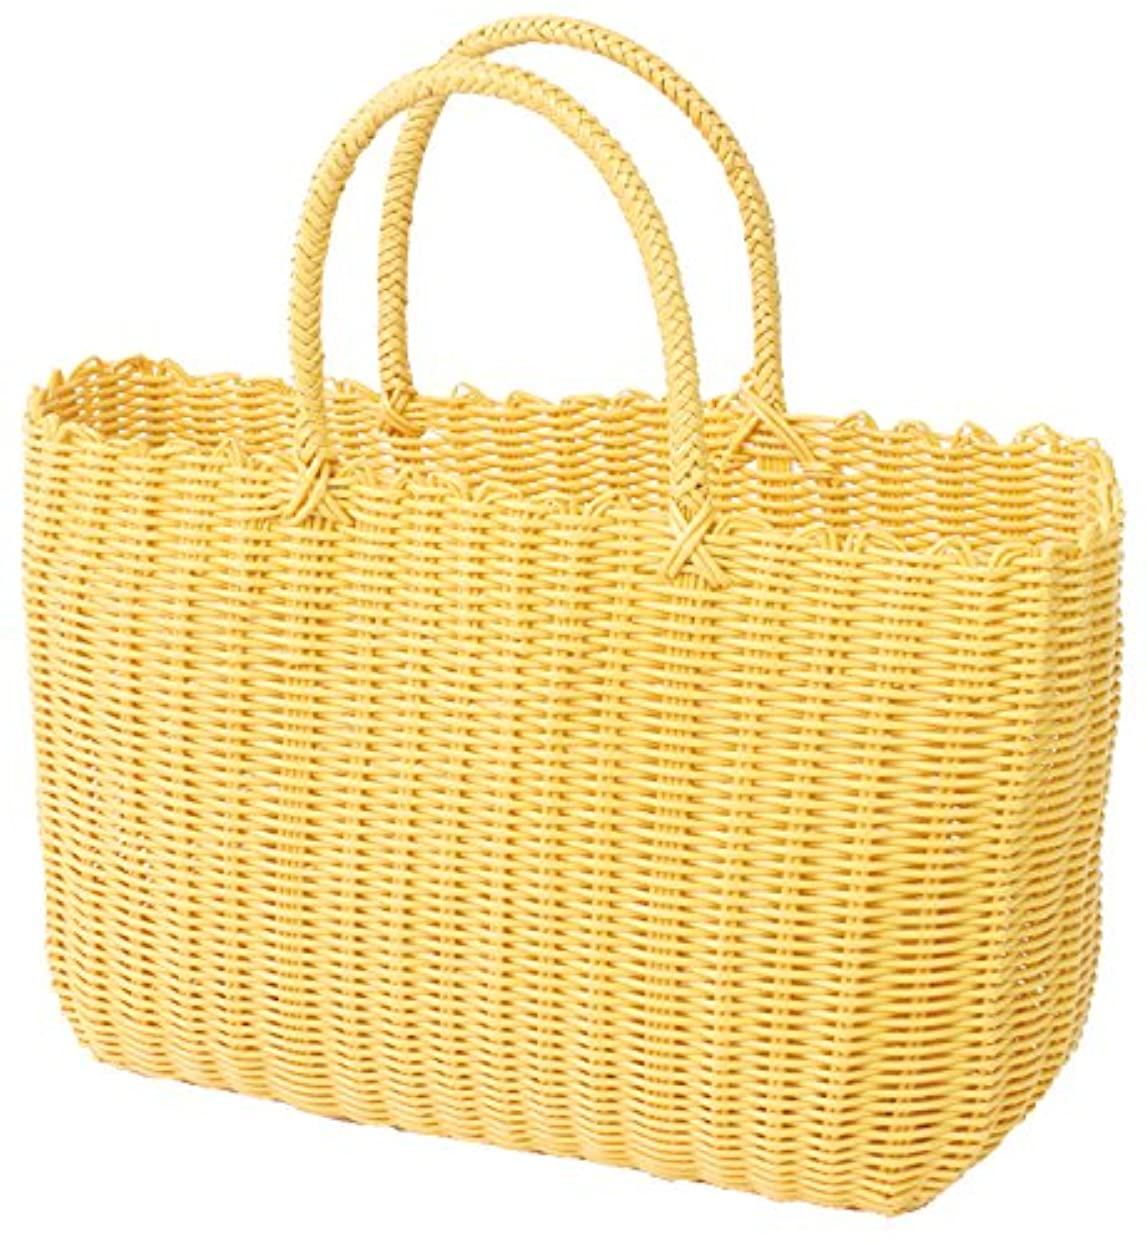 ネクタイライン不潔村田屋産業 バッグ イエロー 約48×24×29cm(持ち手含む高さ43cm)